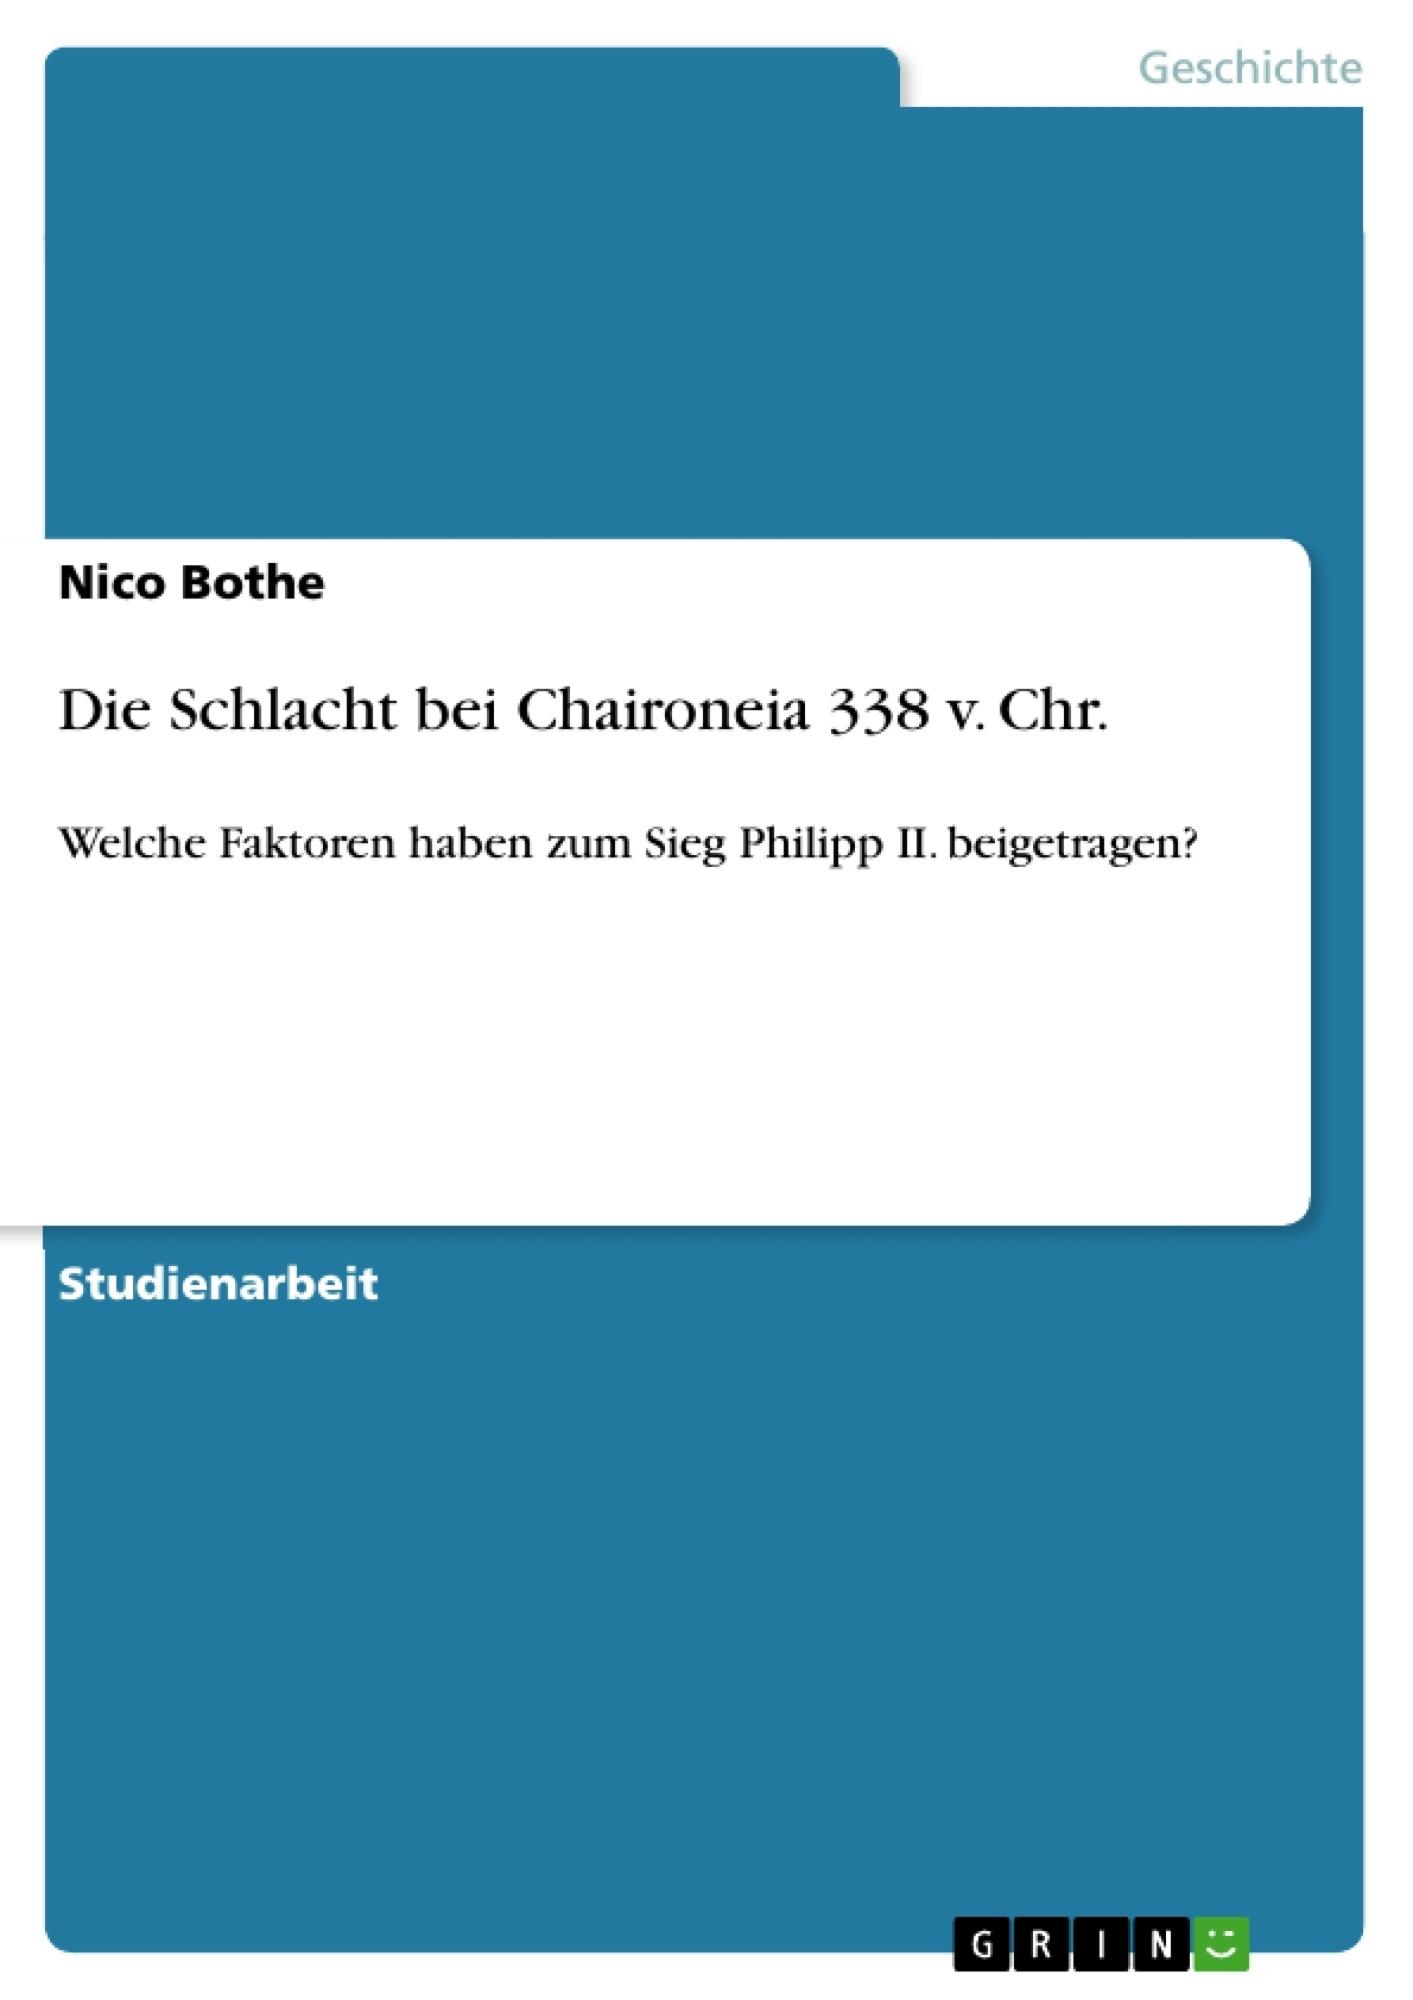 Titel: Die Schlacht bei Chaironeia 338 v. Chr.